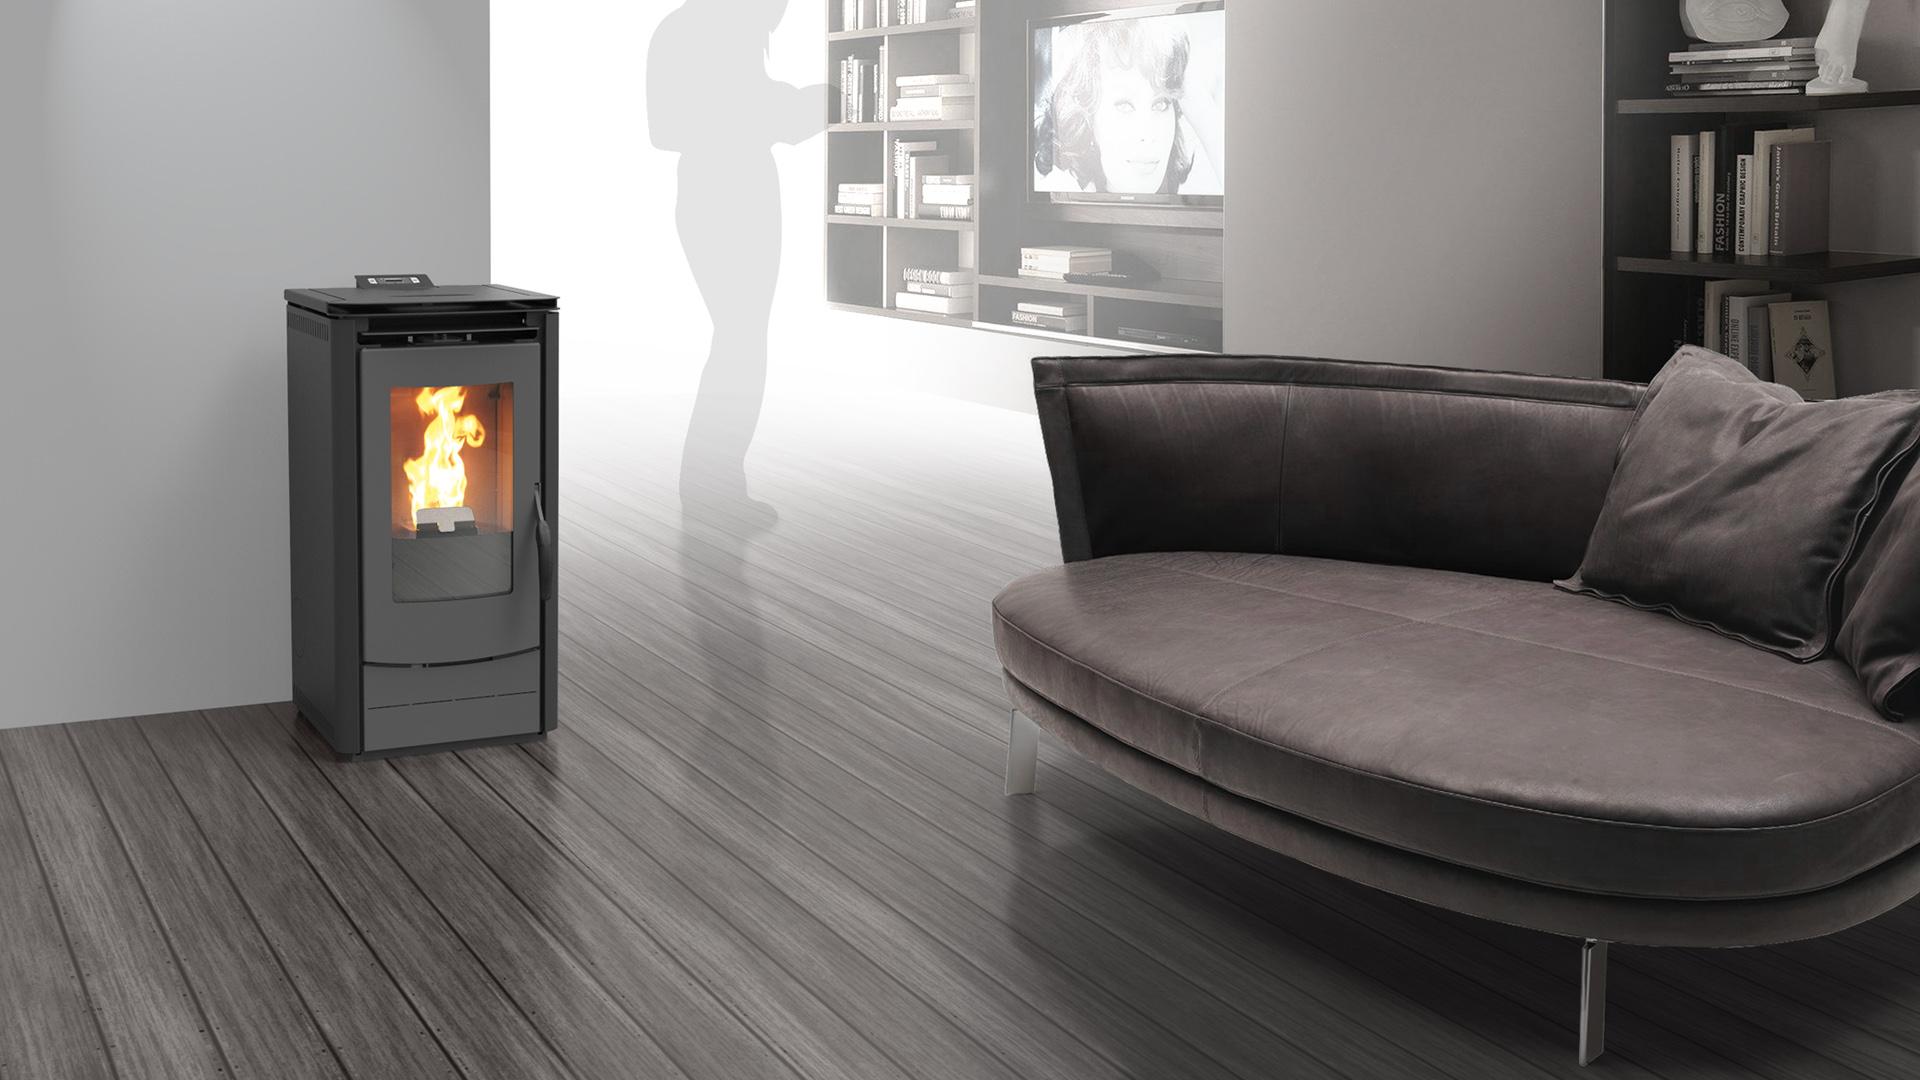 pelletofen online kaufen bei thermoworld aus heide thermoworld ofenshop. Black Bedroom Furniture Sets. Home Design Ideas